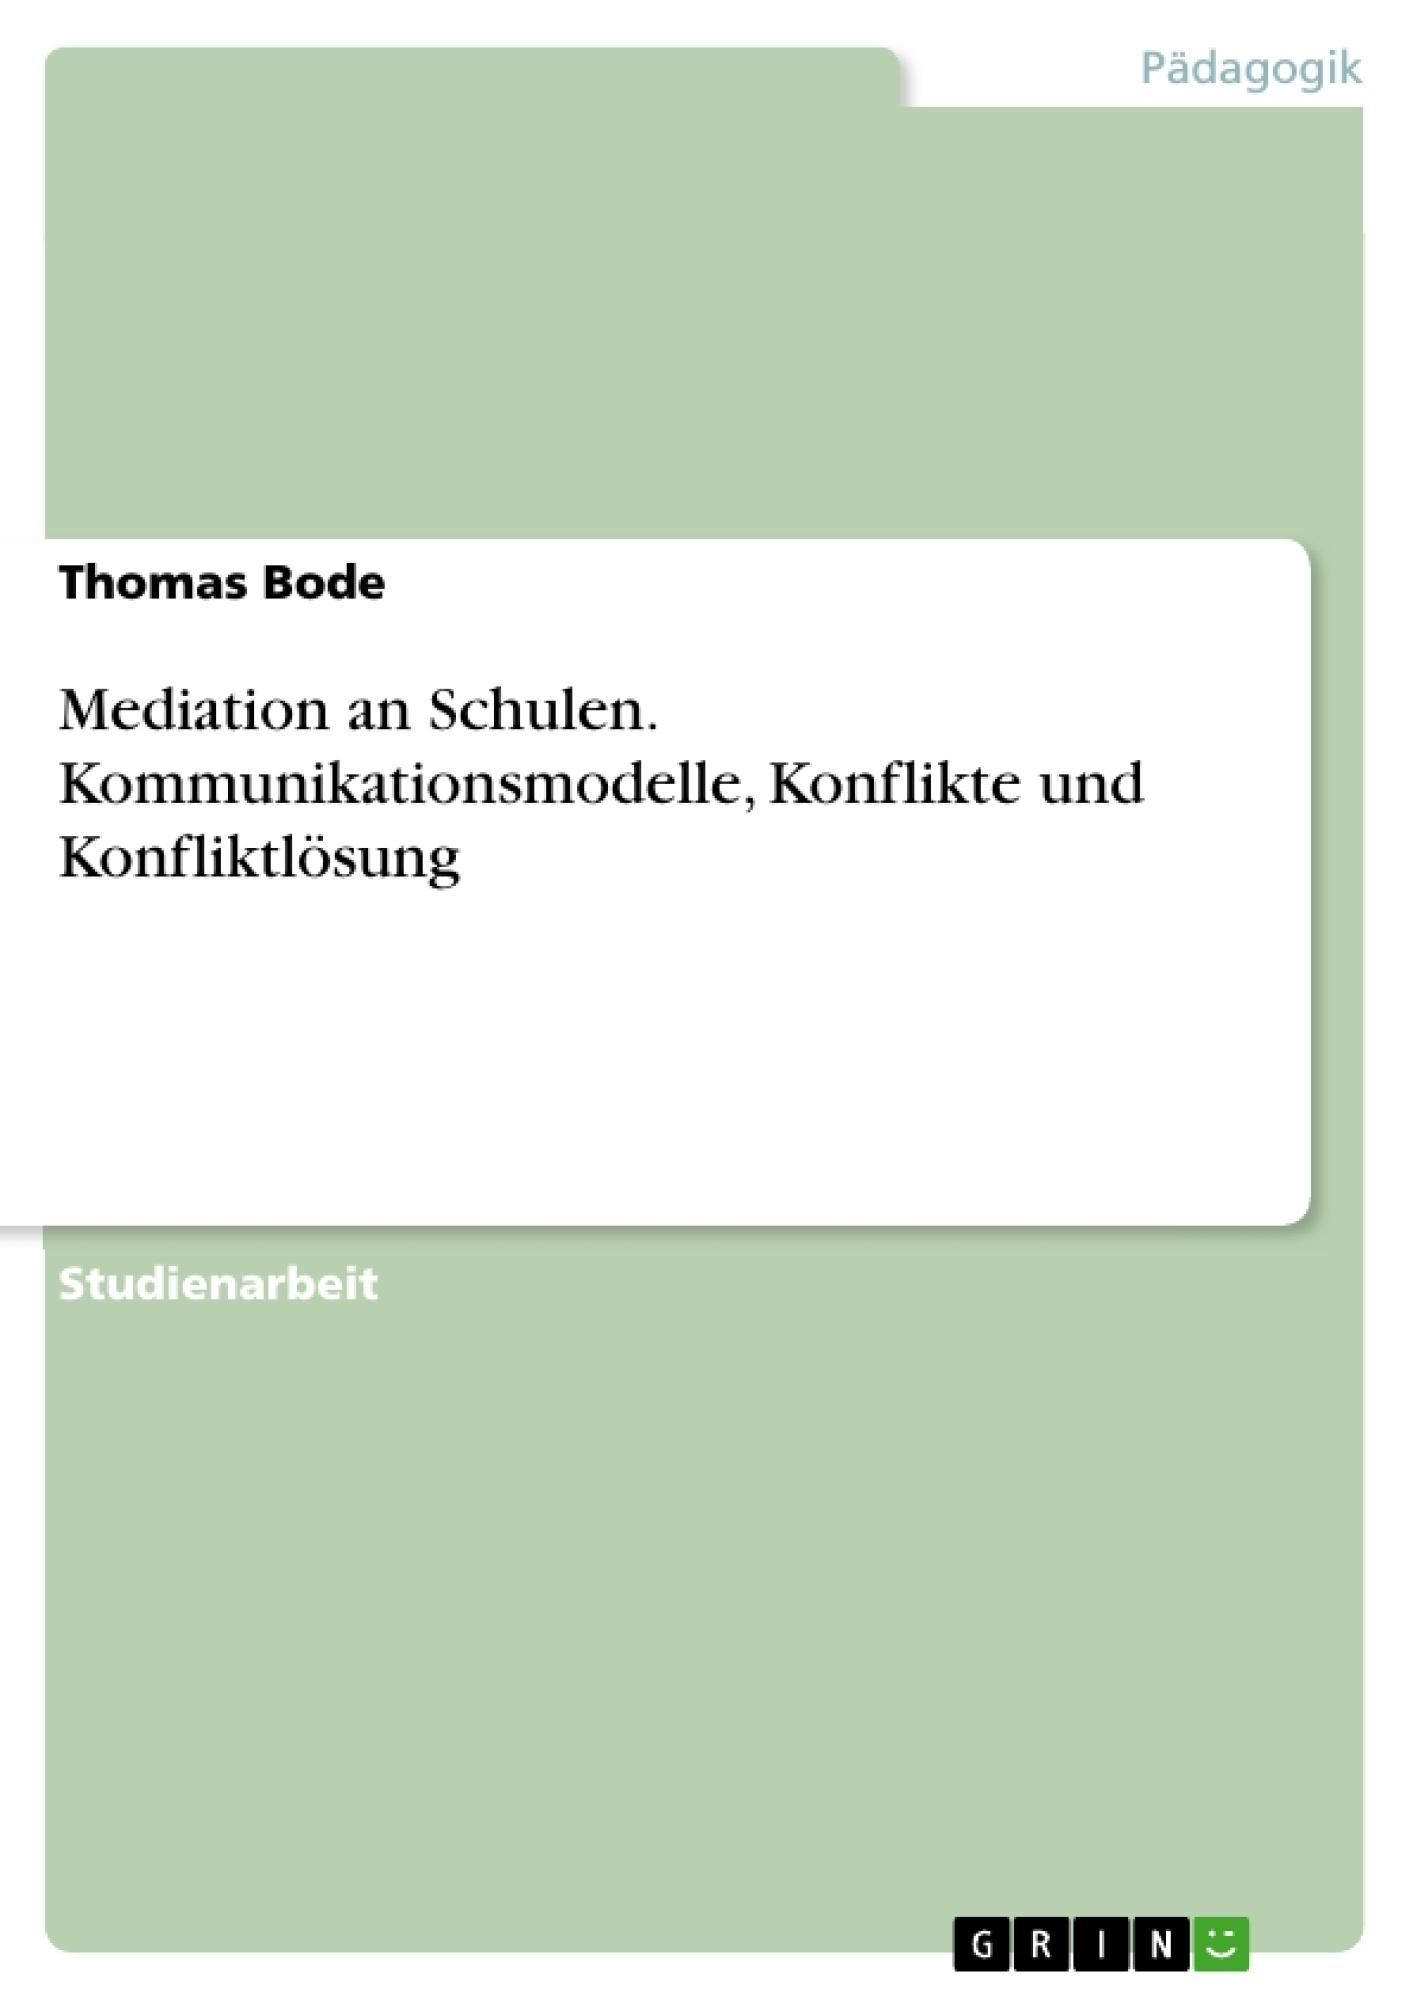 Titel: Mediation an Schulen. Kommunikationsmodelle, Konflikte und Konfliktlösung